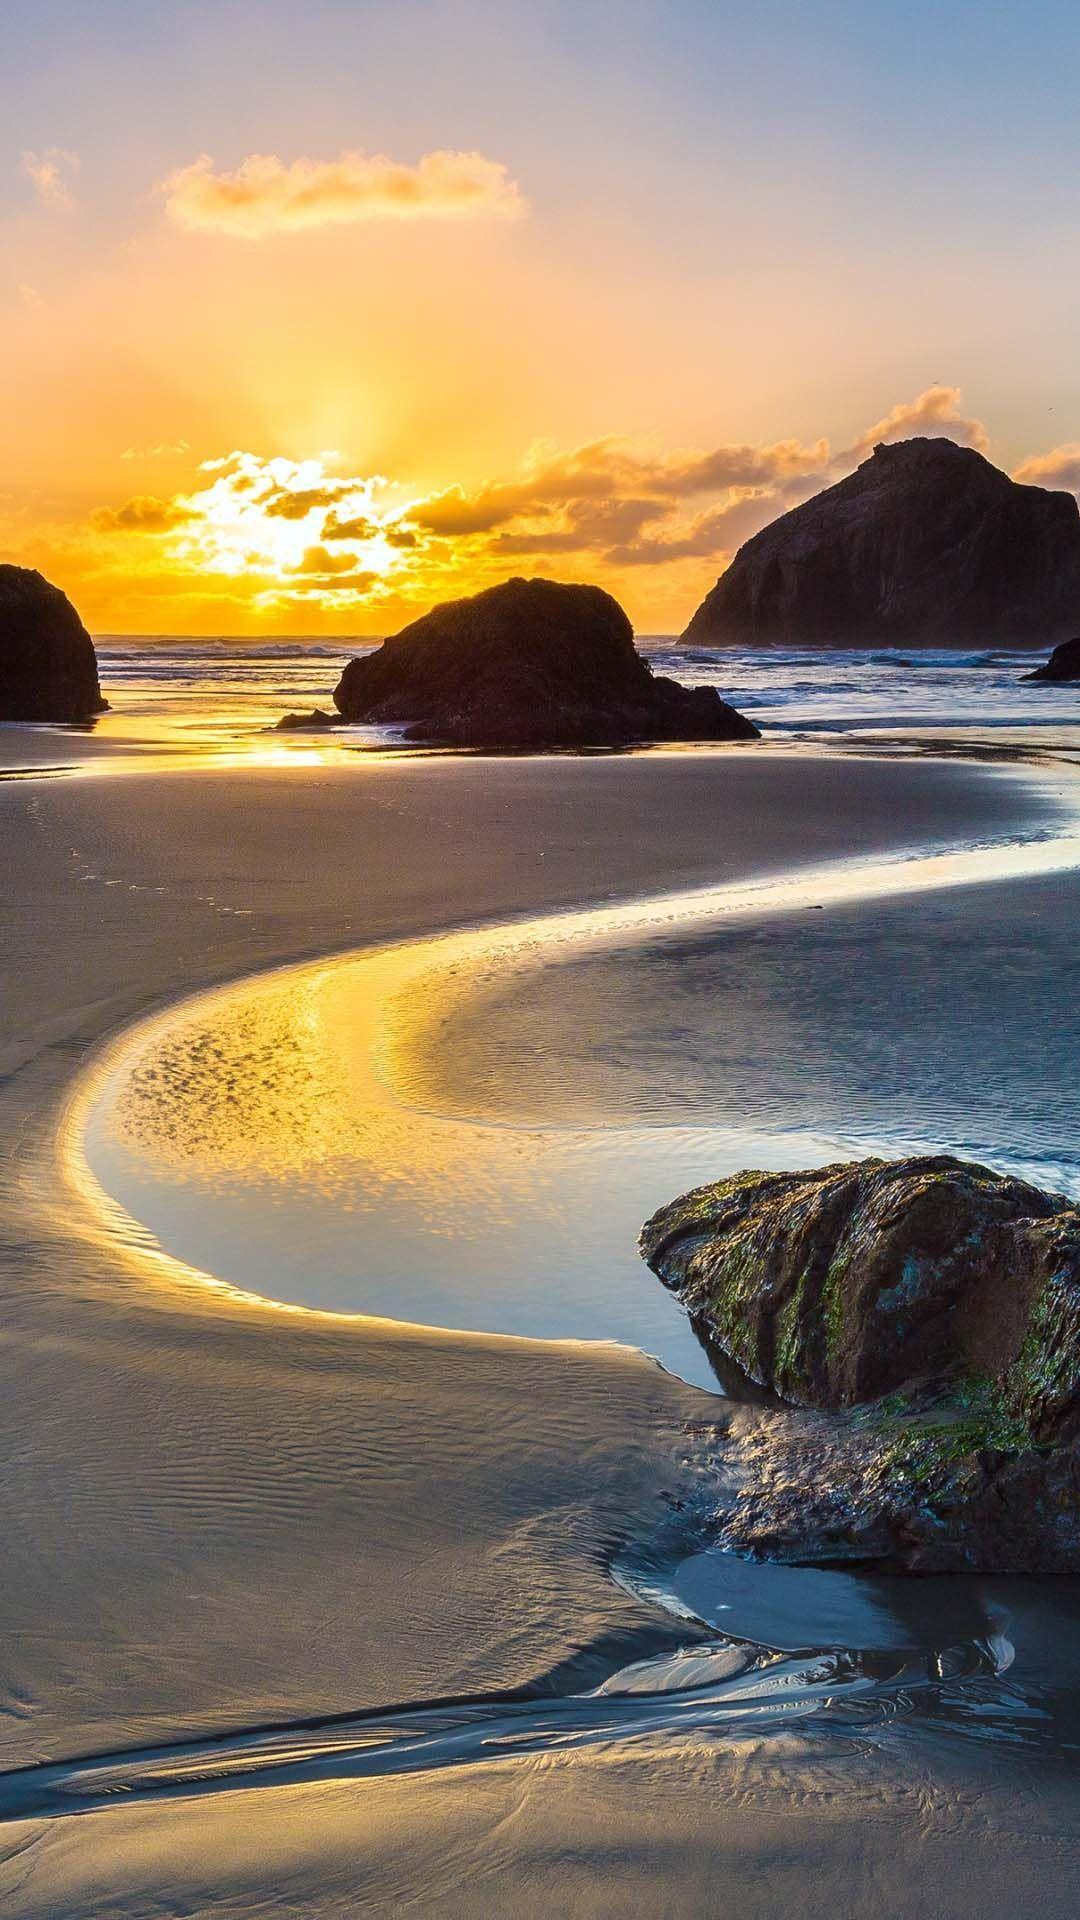 Ocean Aesthetic Phone Wallpapers - Top Free Ocean ...